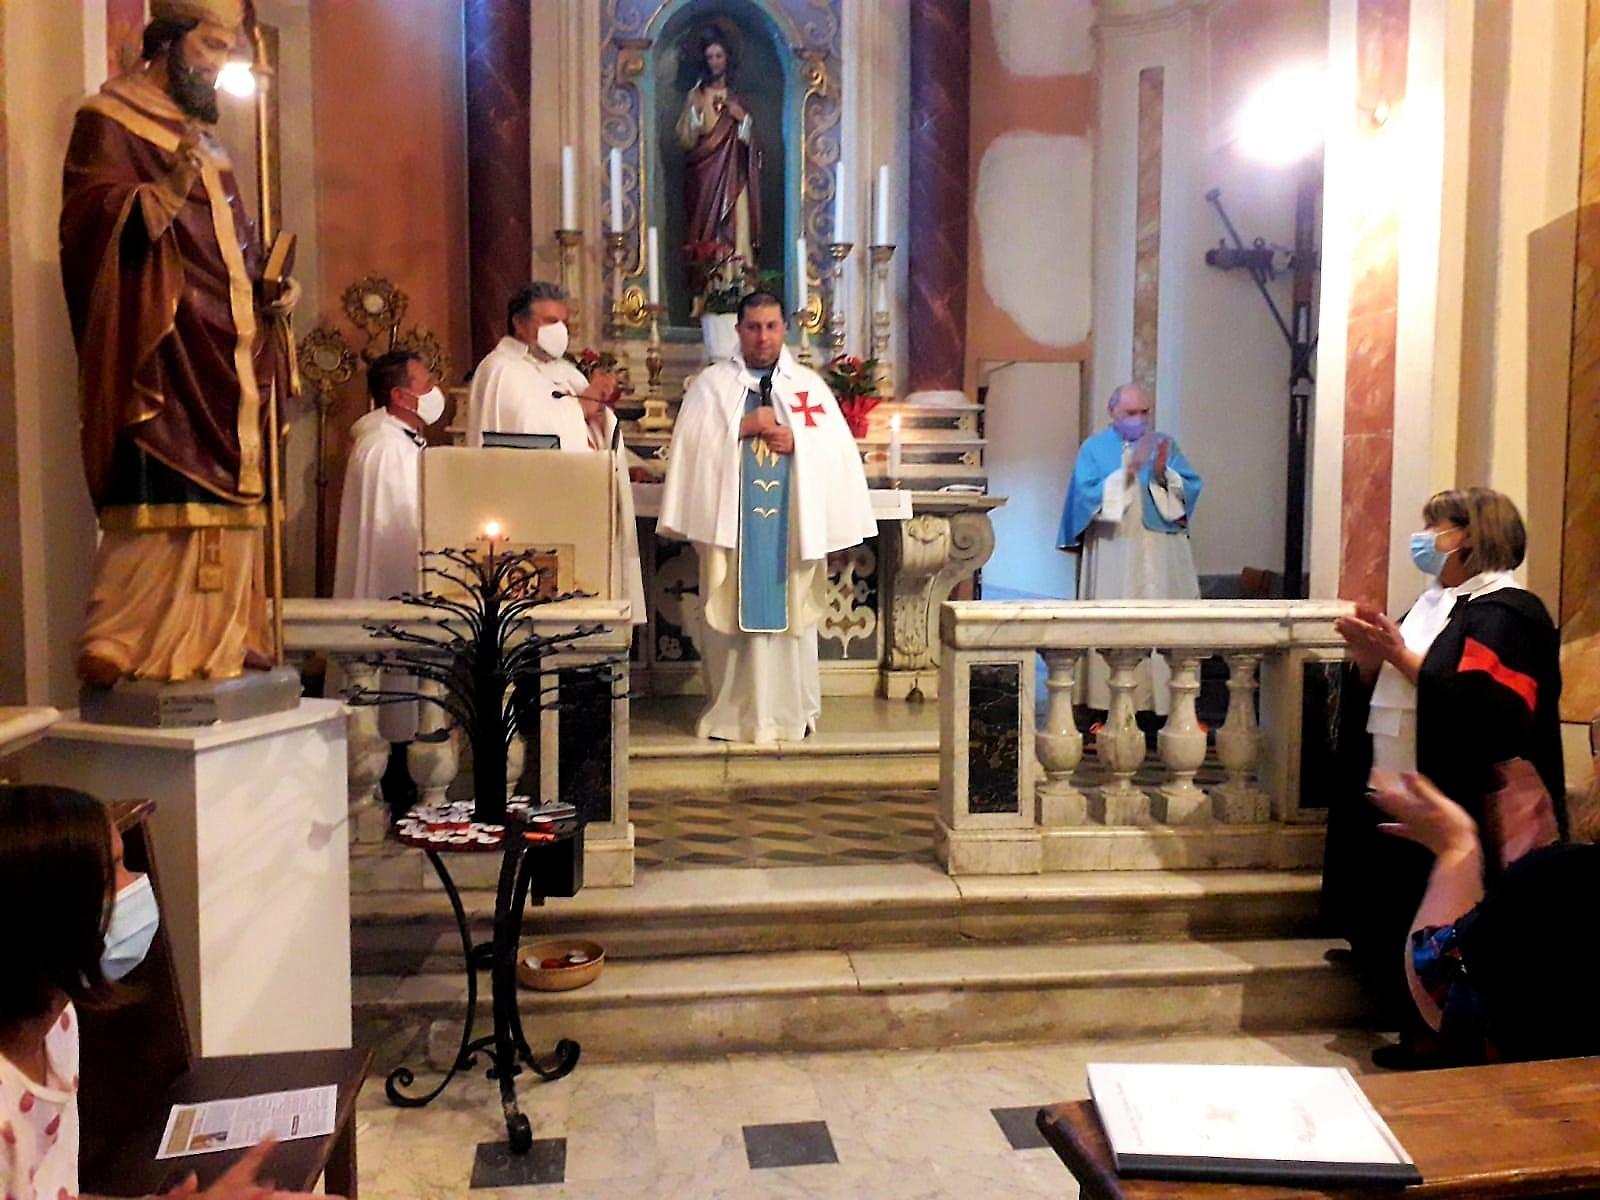 Custodia in occasione della festività di Santa Maria Assunta – Chiesa di San Tommaso Becket – Pallerone (MS) 15.08.2021